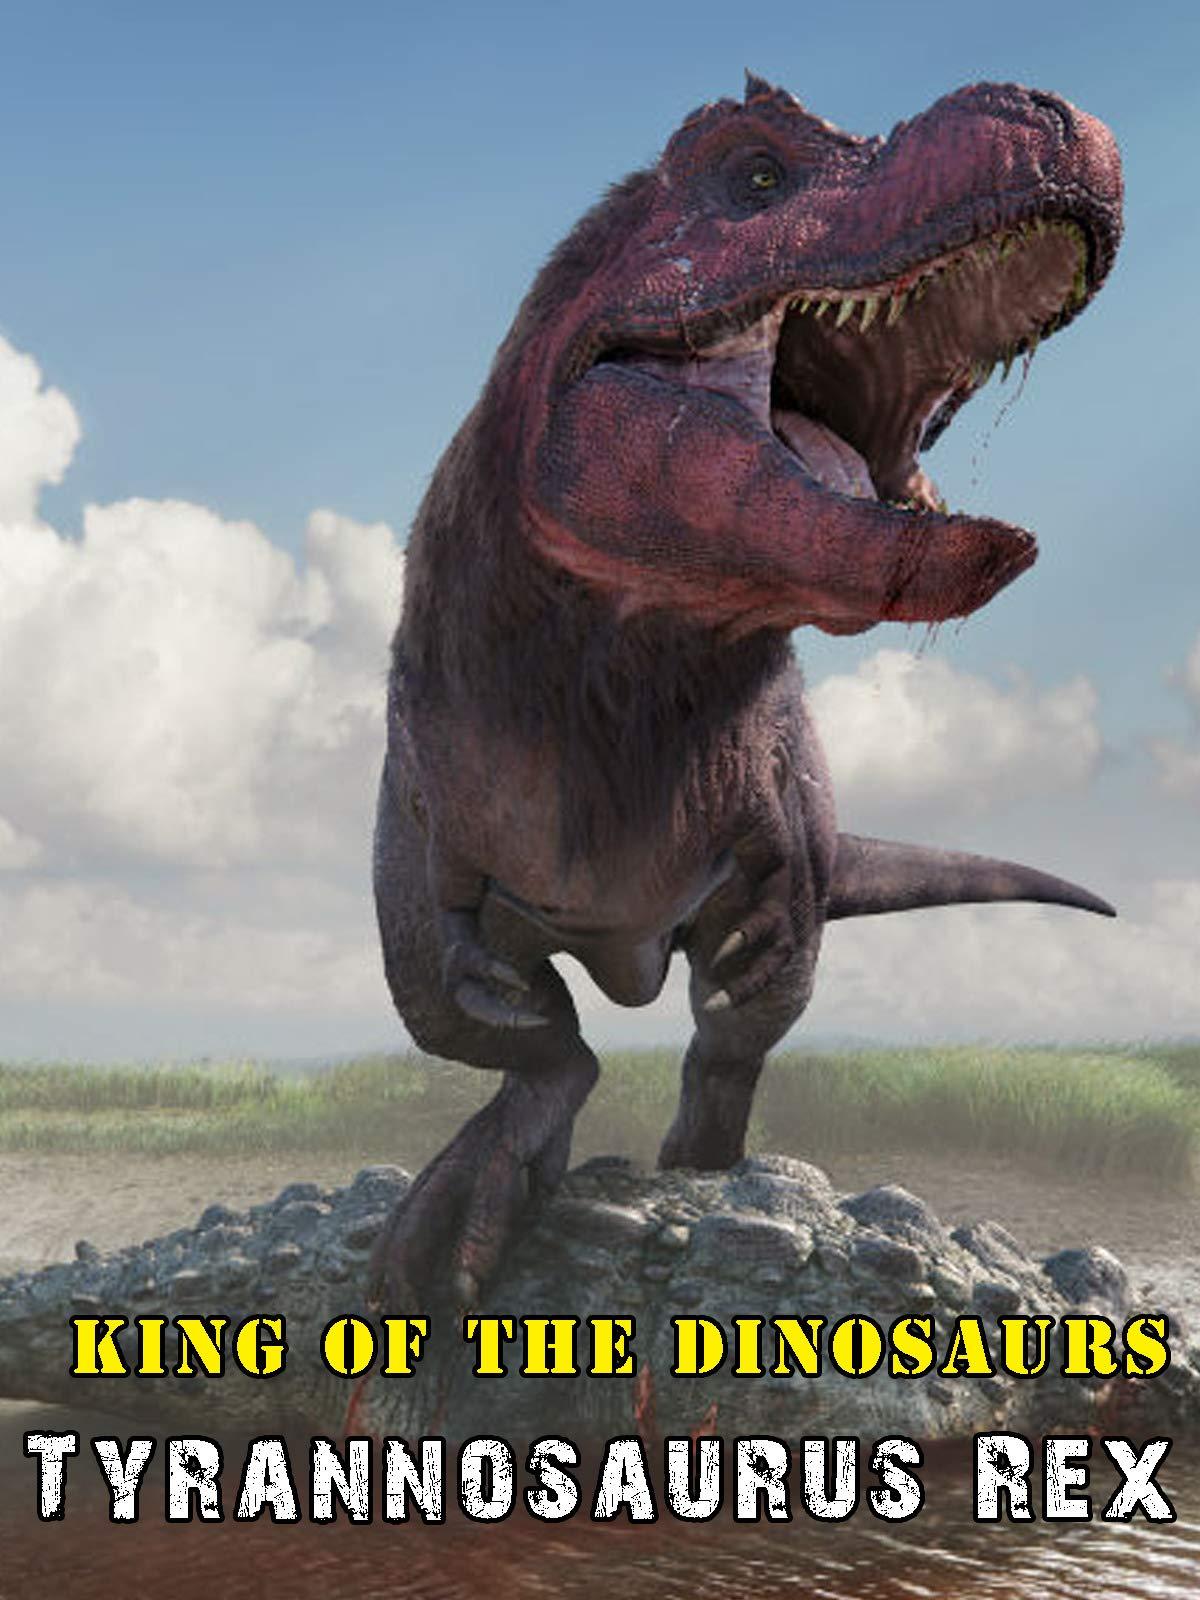 King of the Dinosaurs: Tyrannosaurus Rex on Amazon Prime Video UK